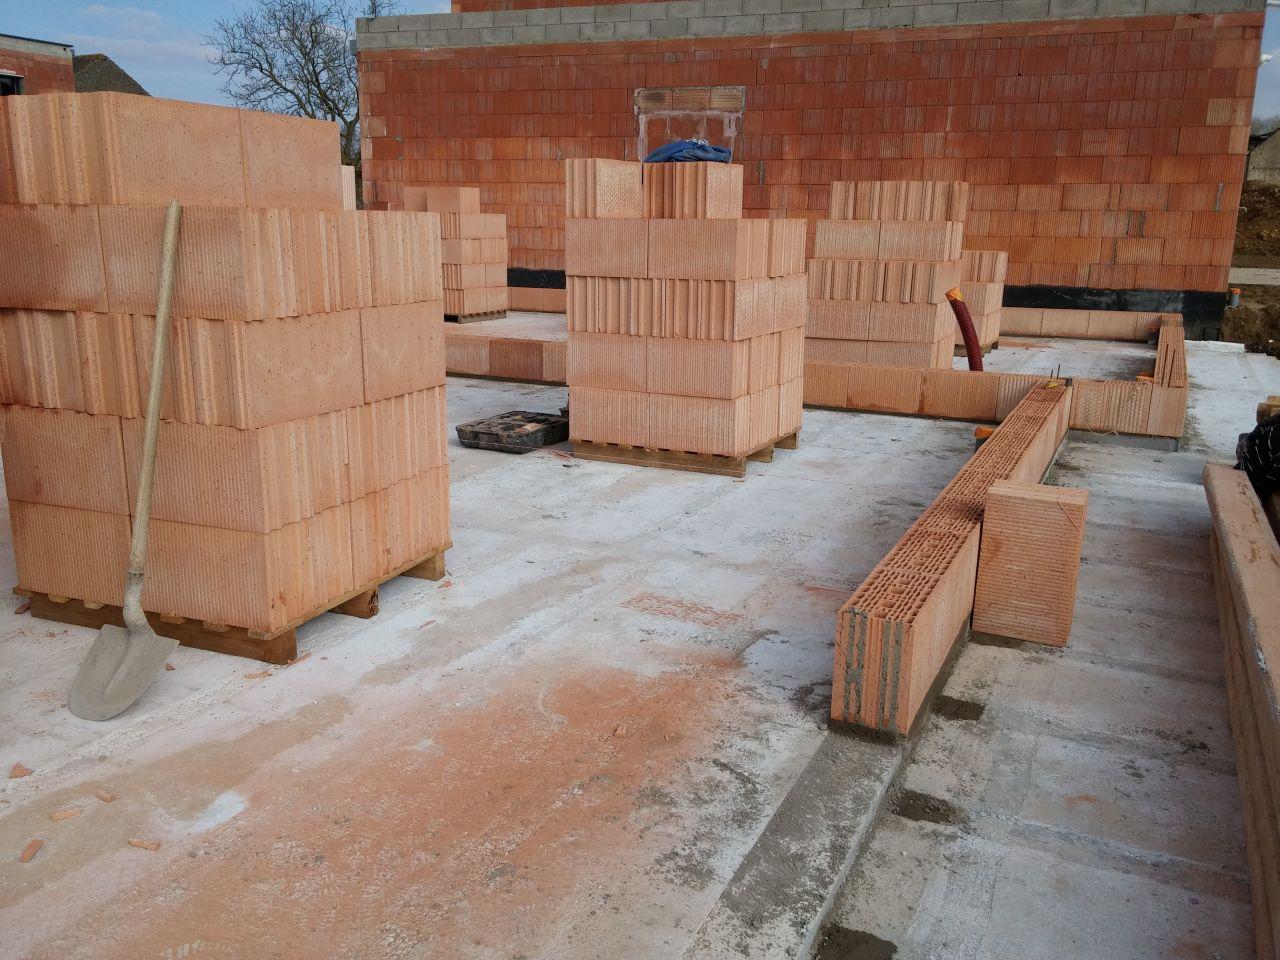 D&eacute;but de la construction des murs  <br /> Brique Porotherm gr20 th+